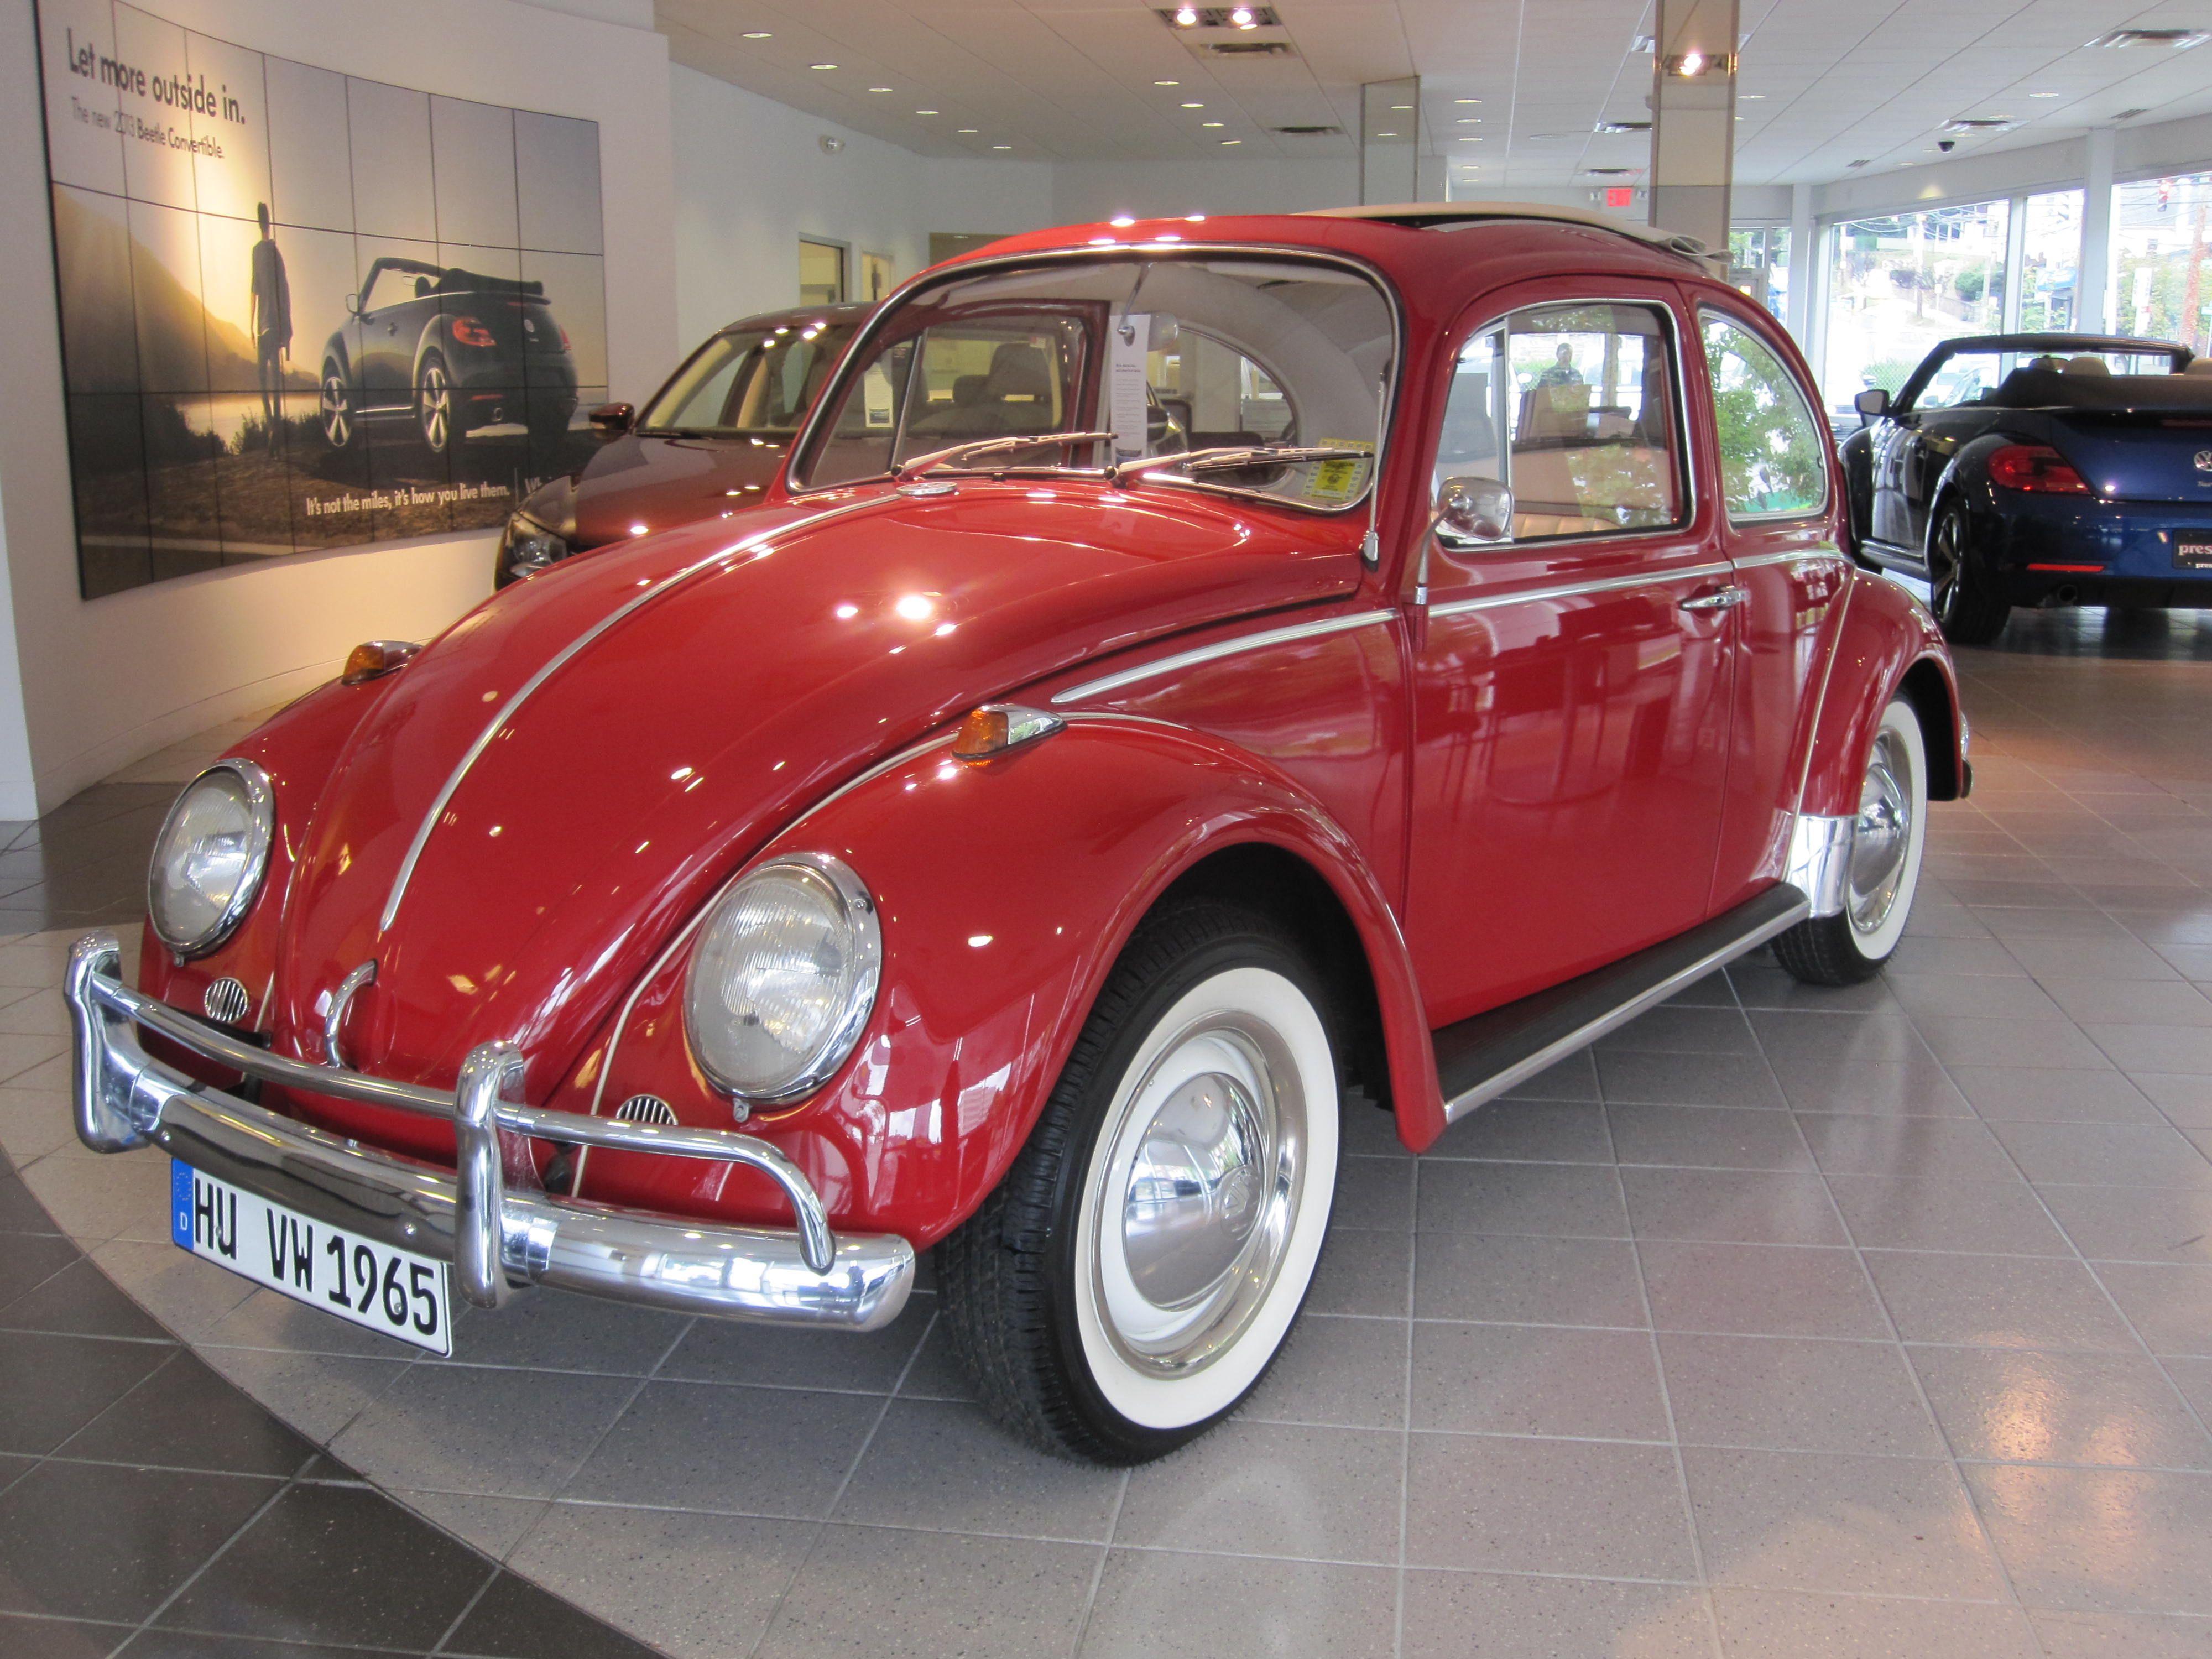 prestige vw  stamford showroom vw bug collector volkswagen beetle vintage vw beetles beetle